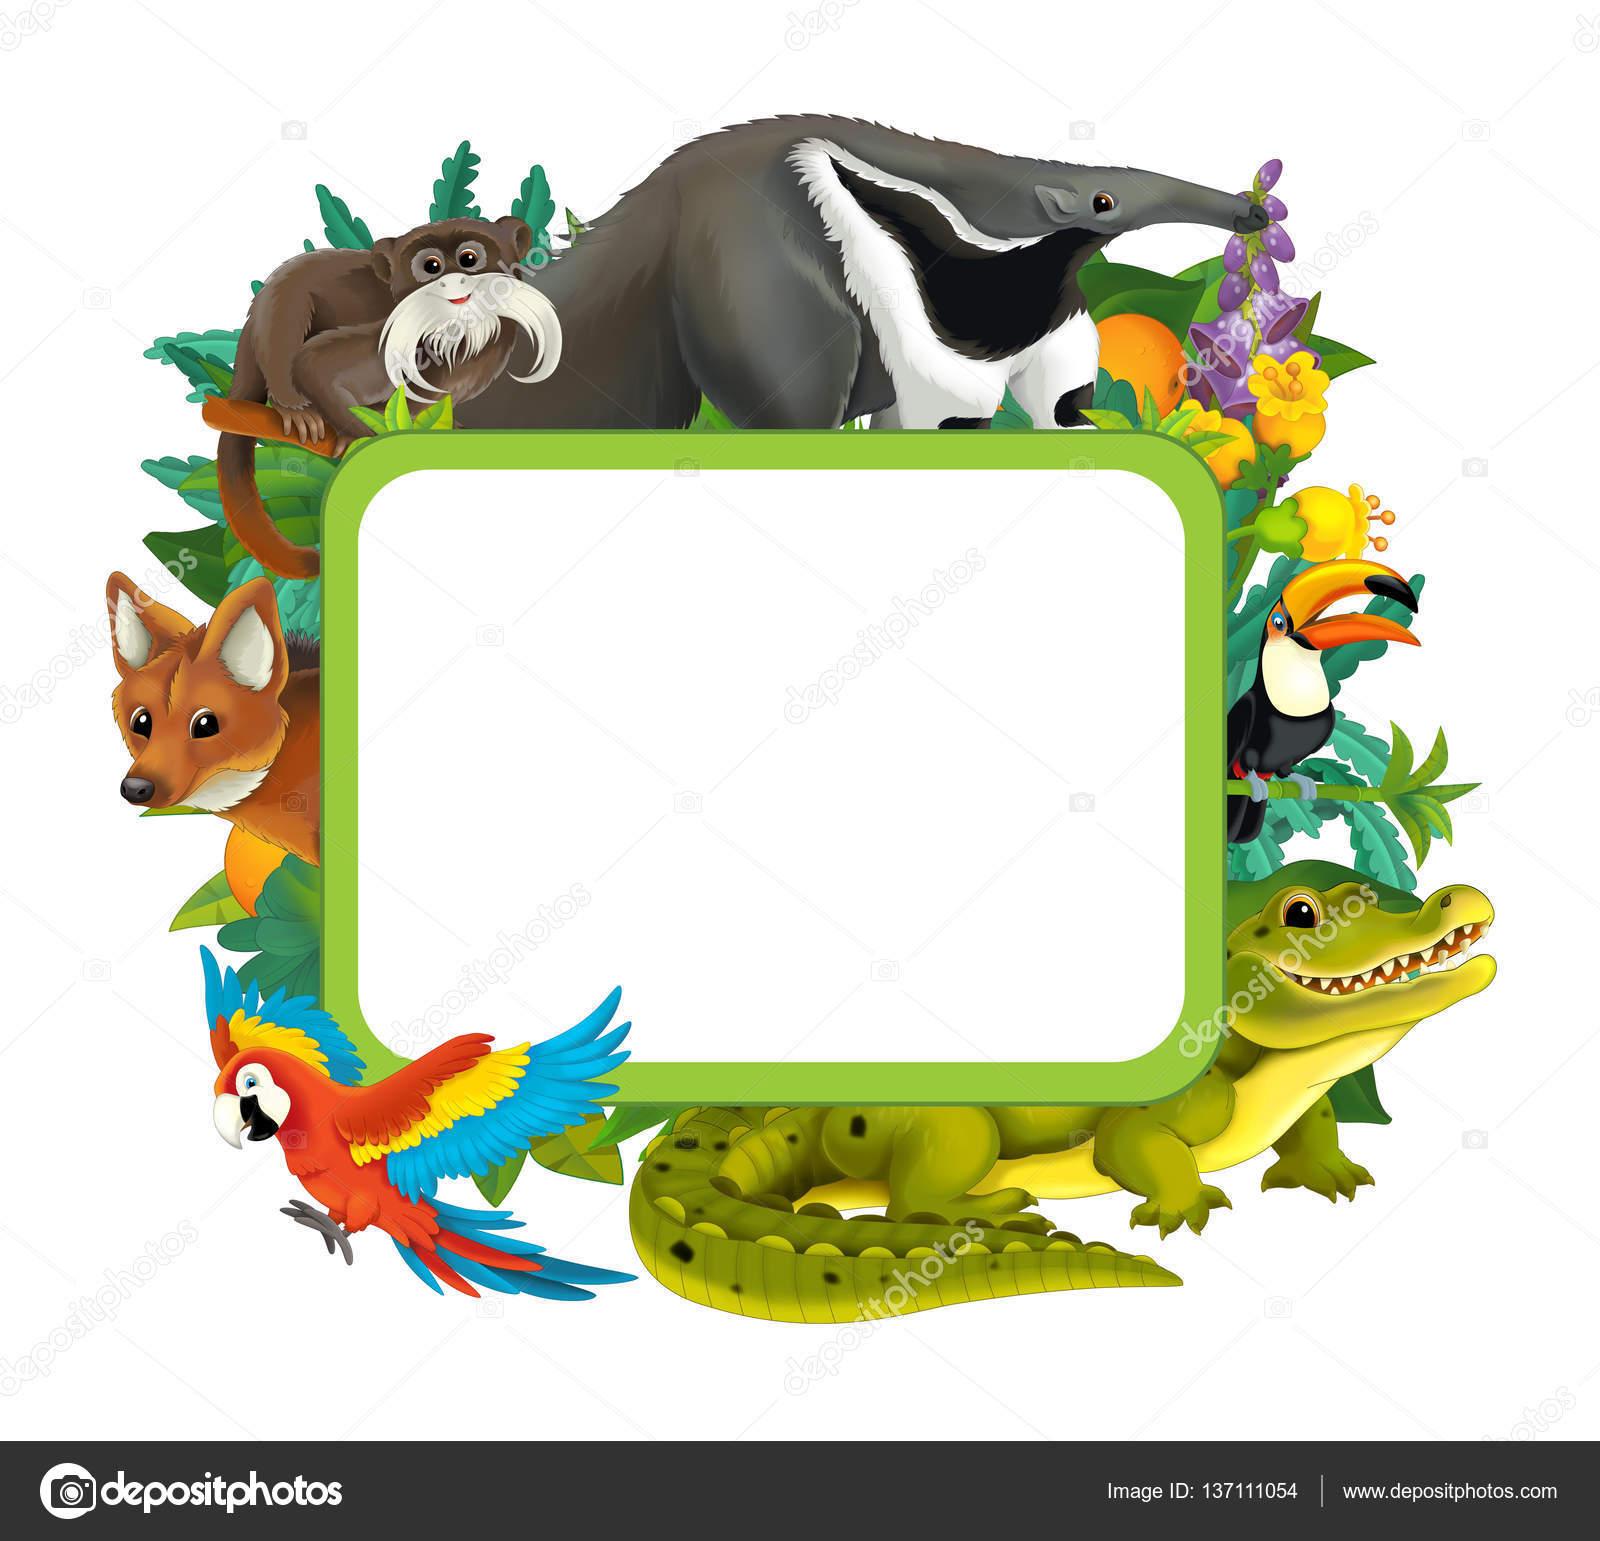 Marco de dibujos animados con diversos animales — Foto de stock ...